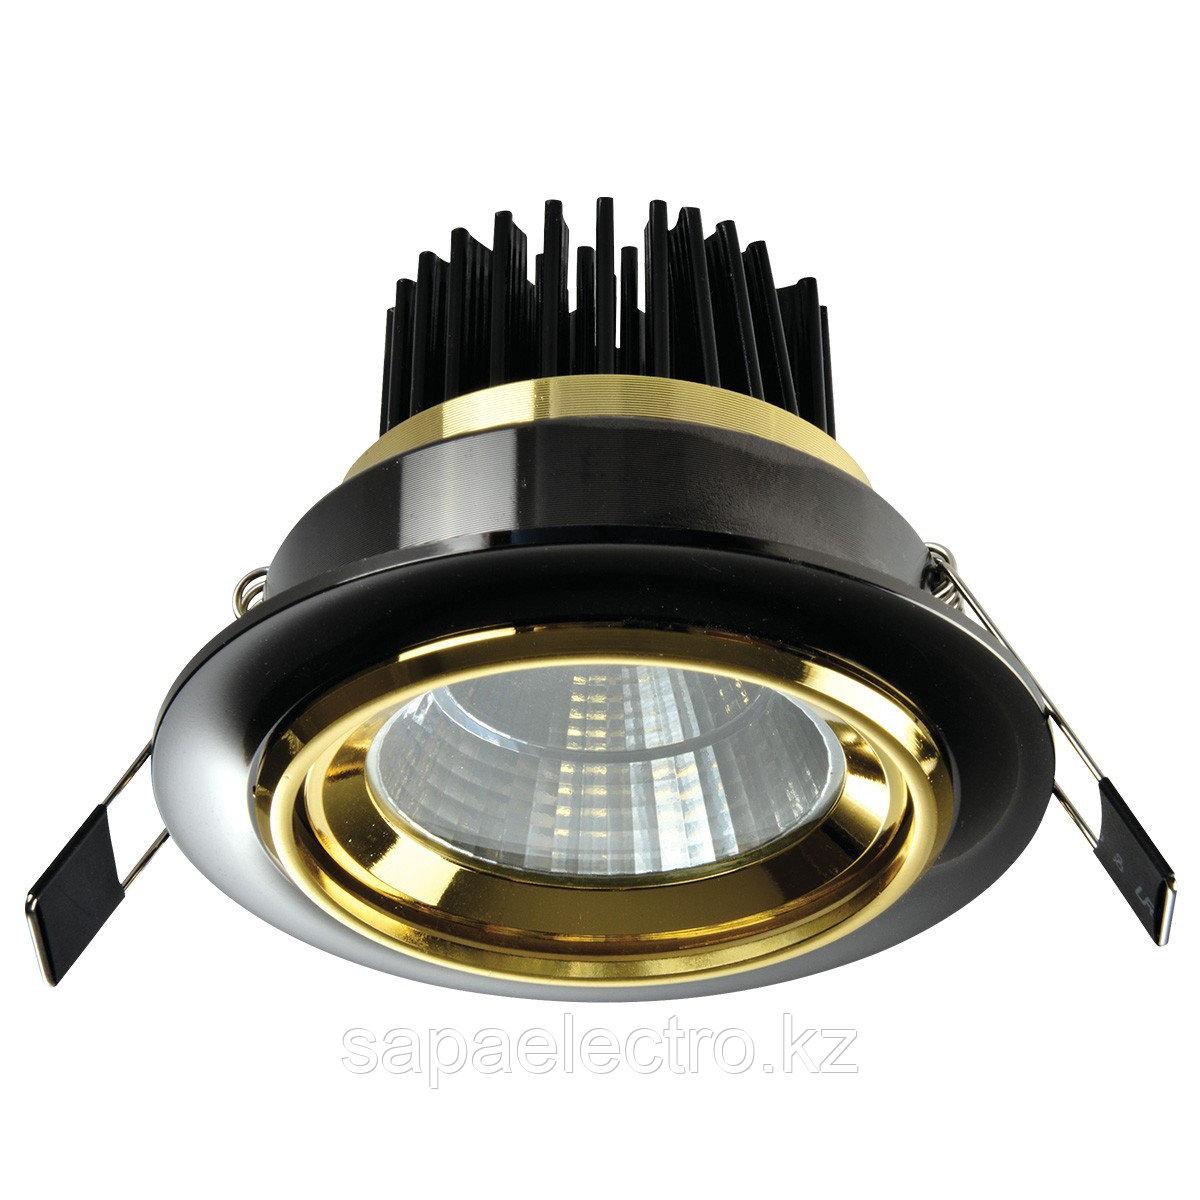 Spot LED OC028 5W BLACK GOLD 5000K (TEKLED) 60sht